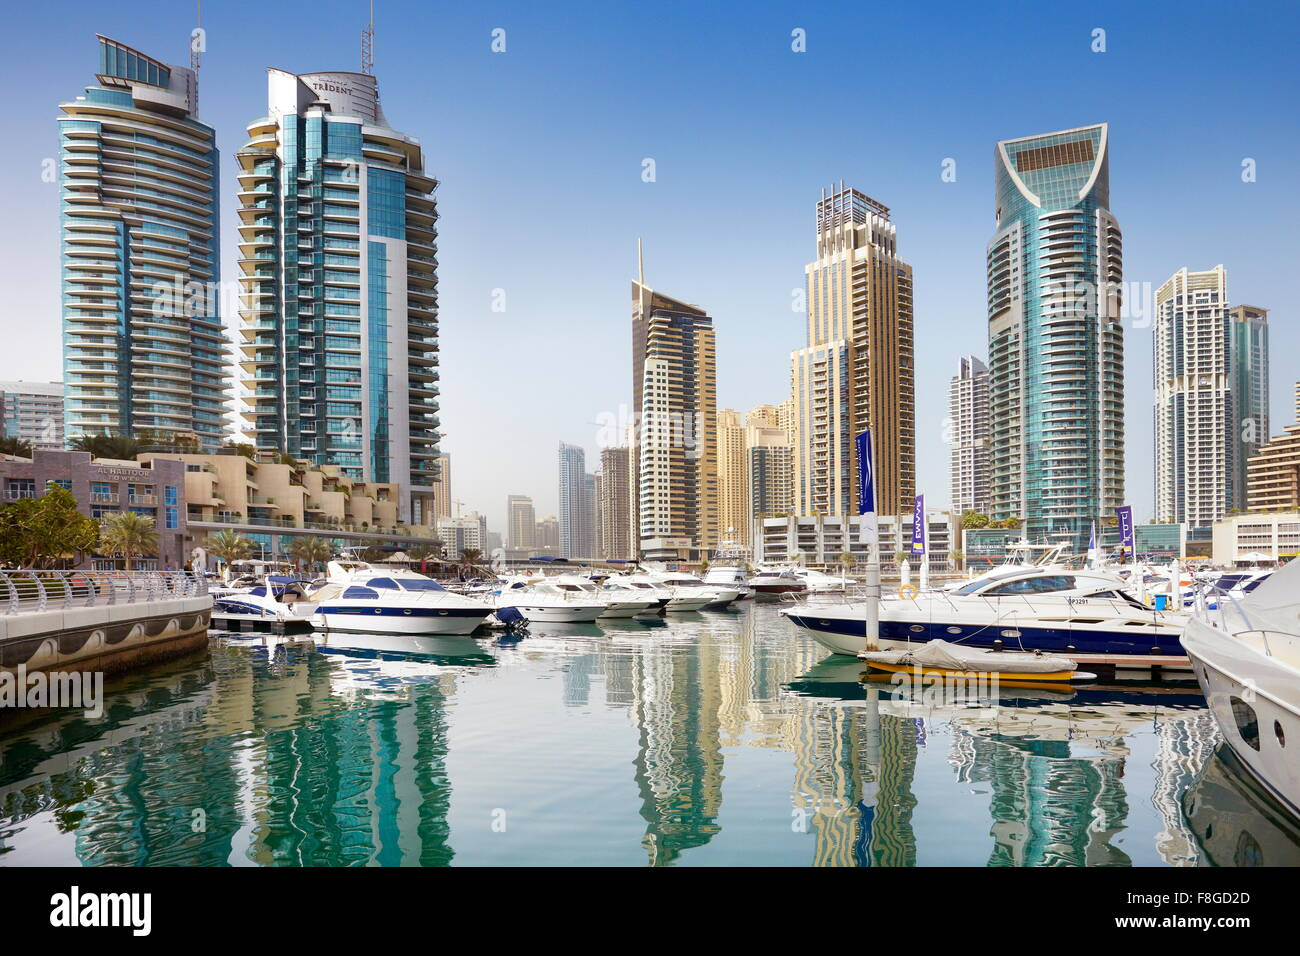 La ville de Dubaï - Marina, Emirats Arabes Unis Photo Stock